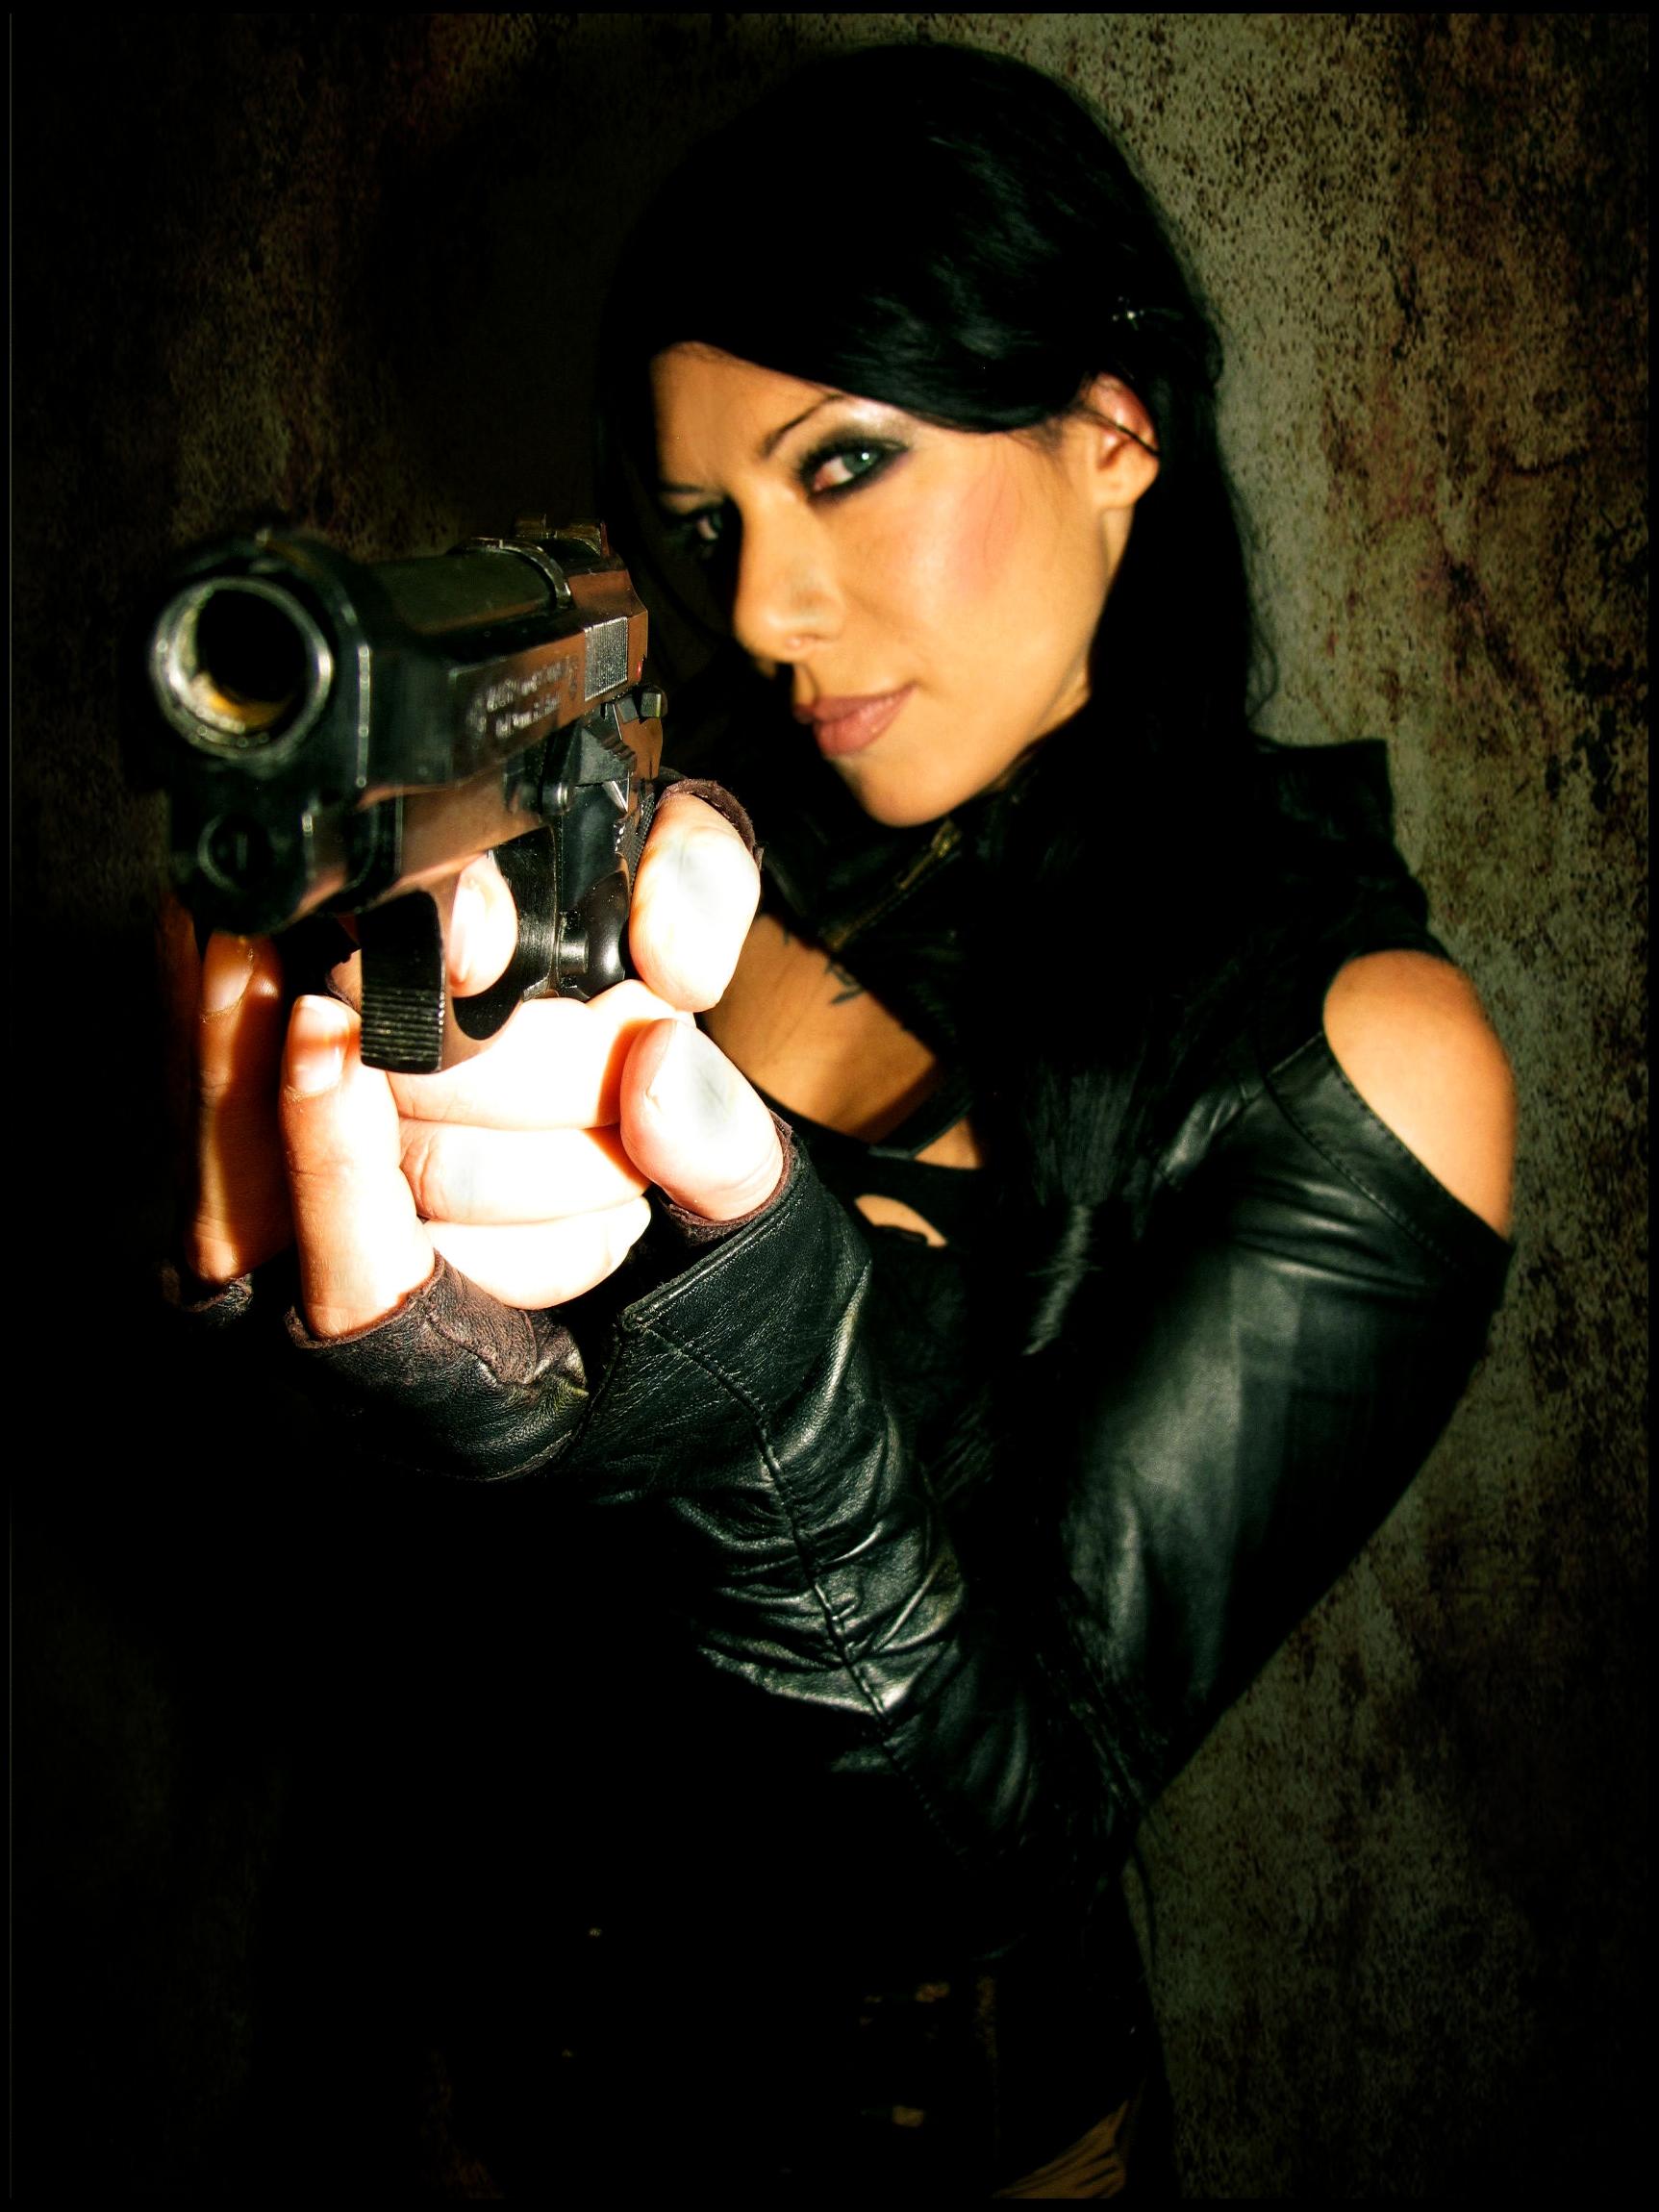 Gun+2